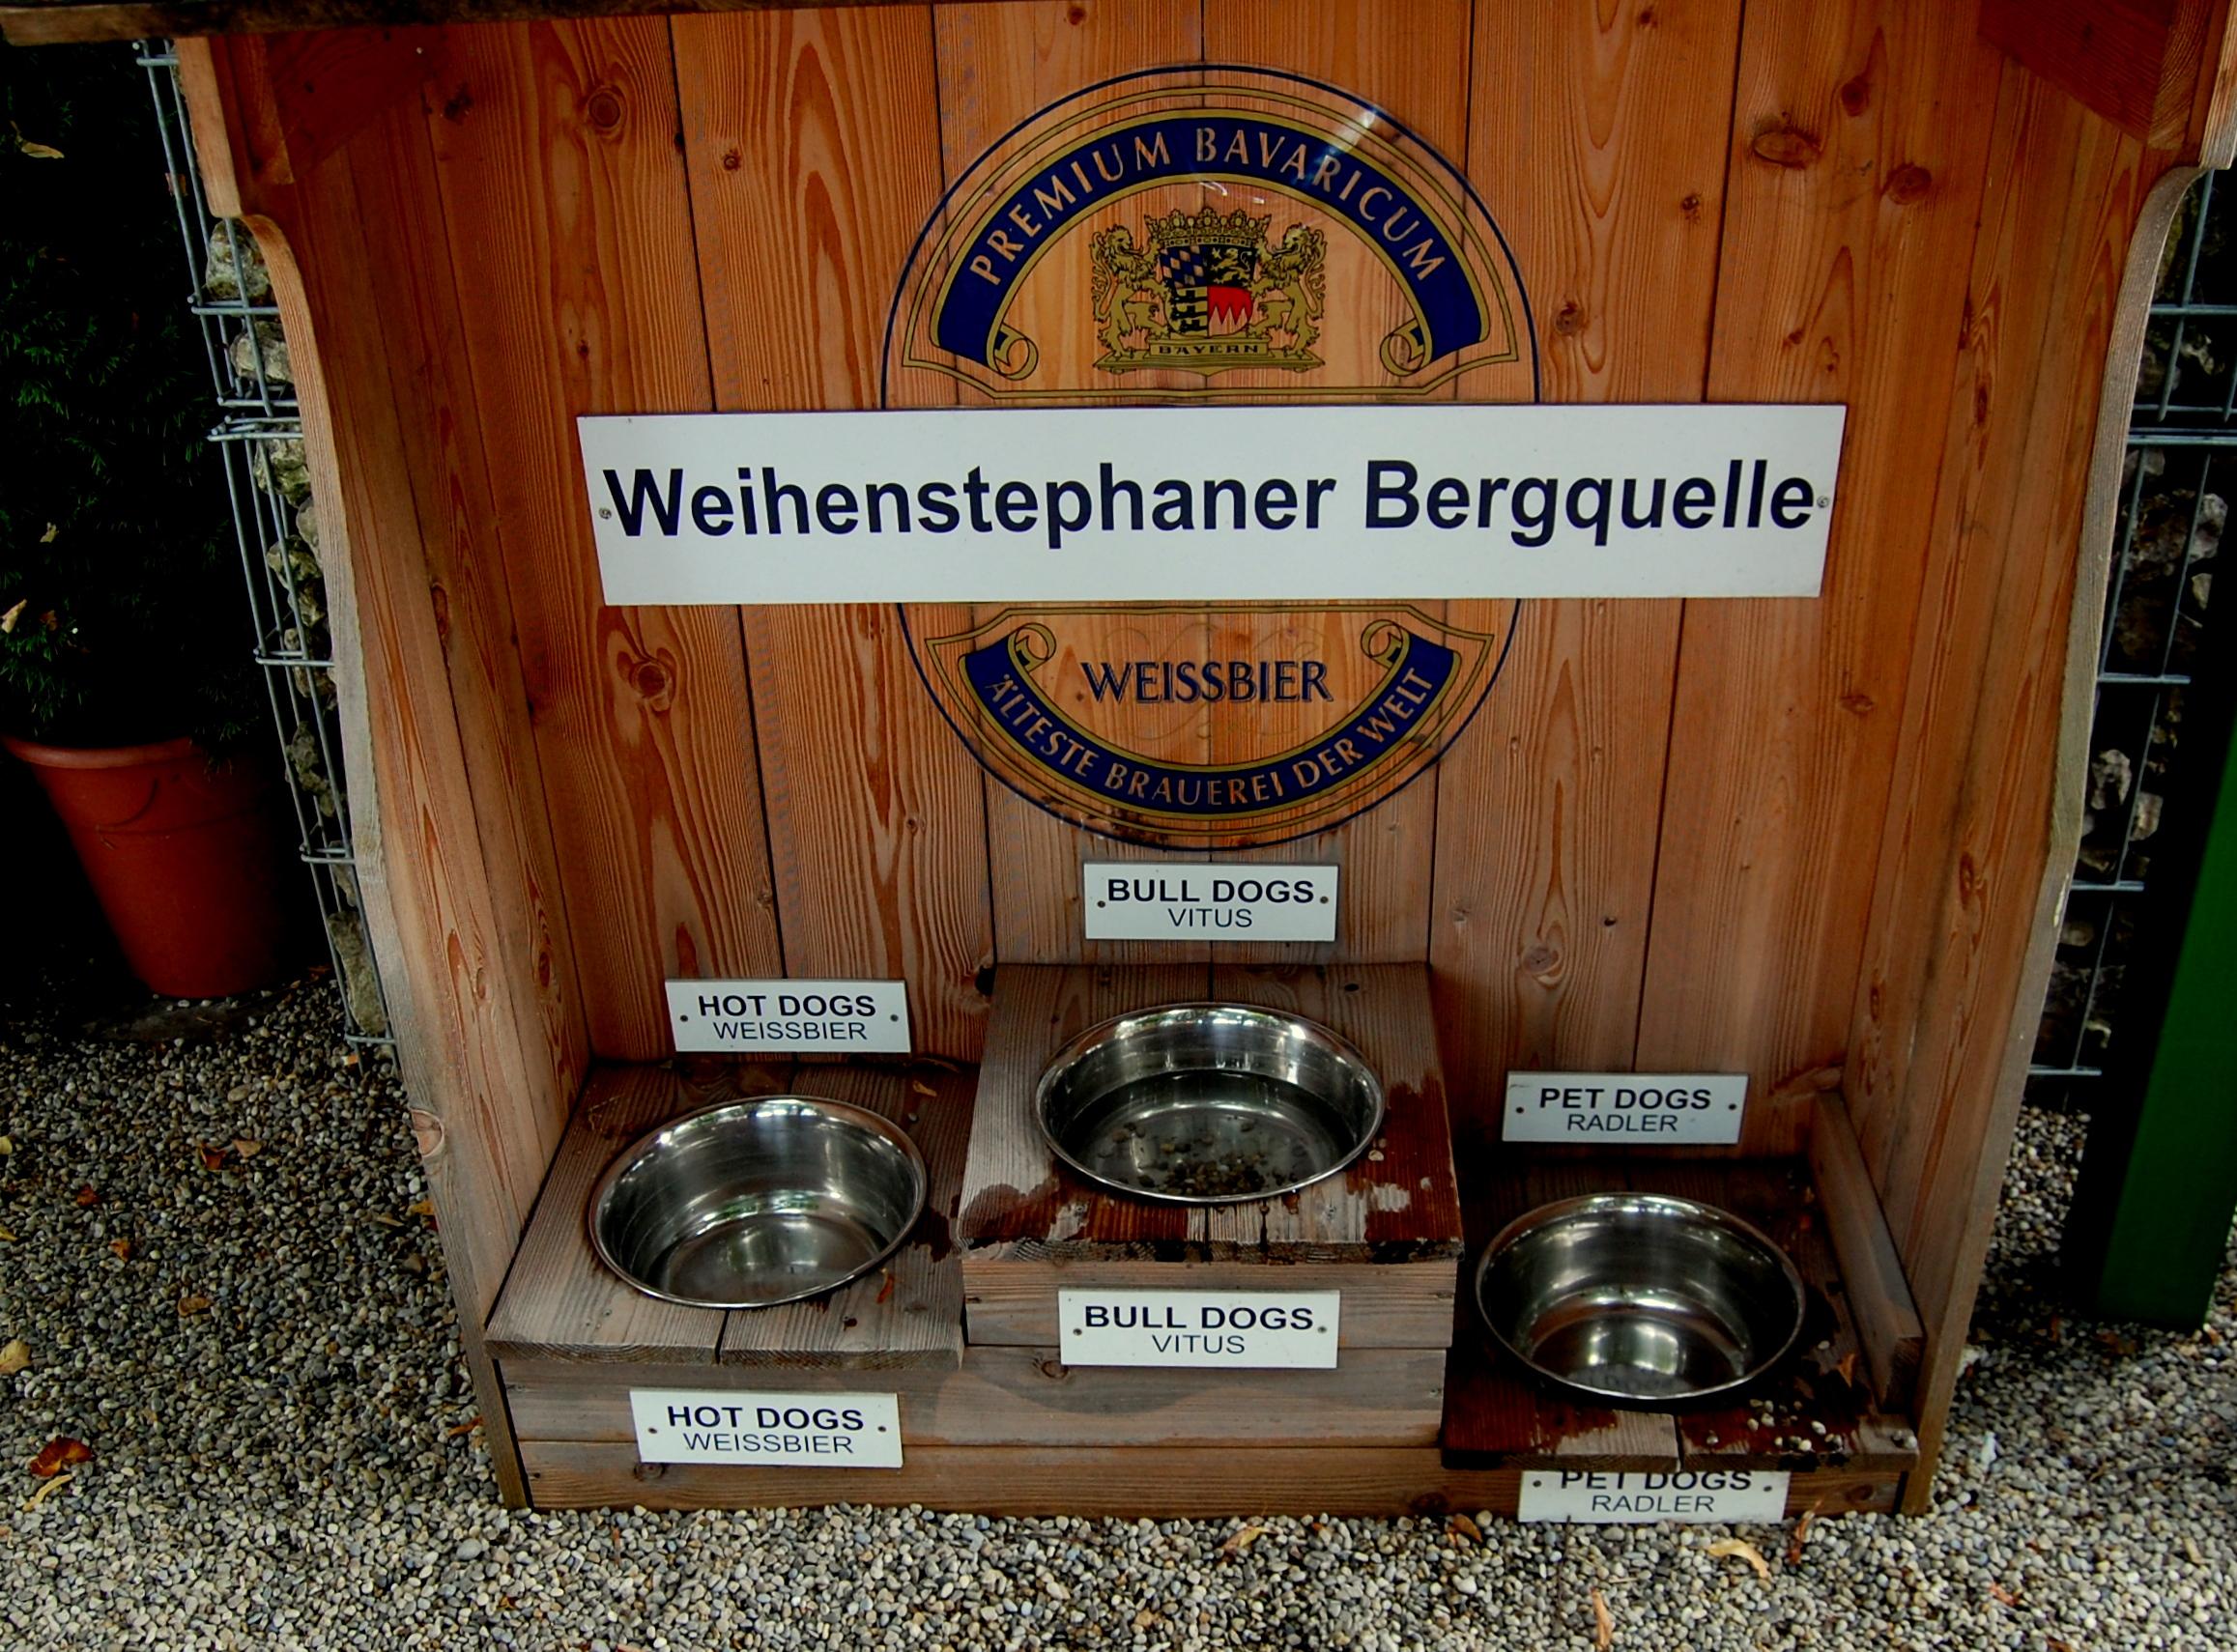 Weihenstephan beer garden